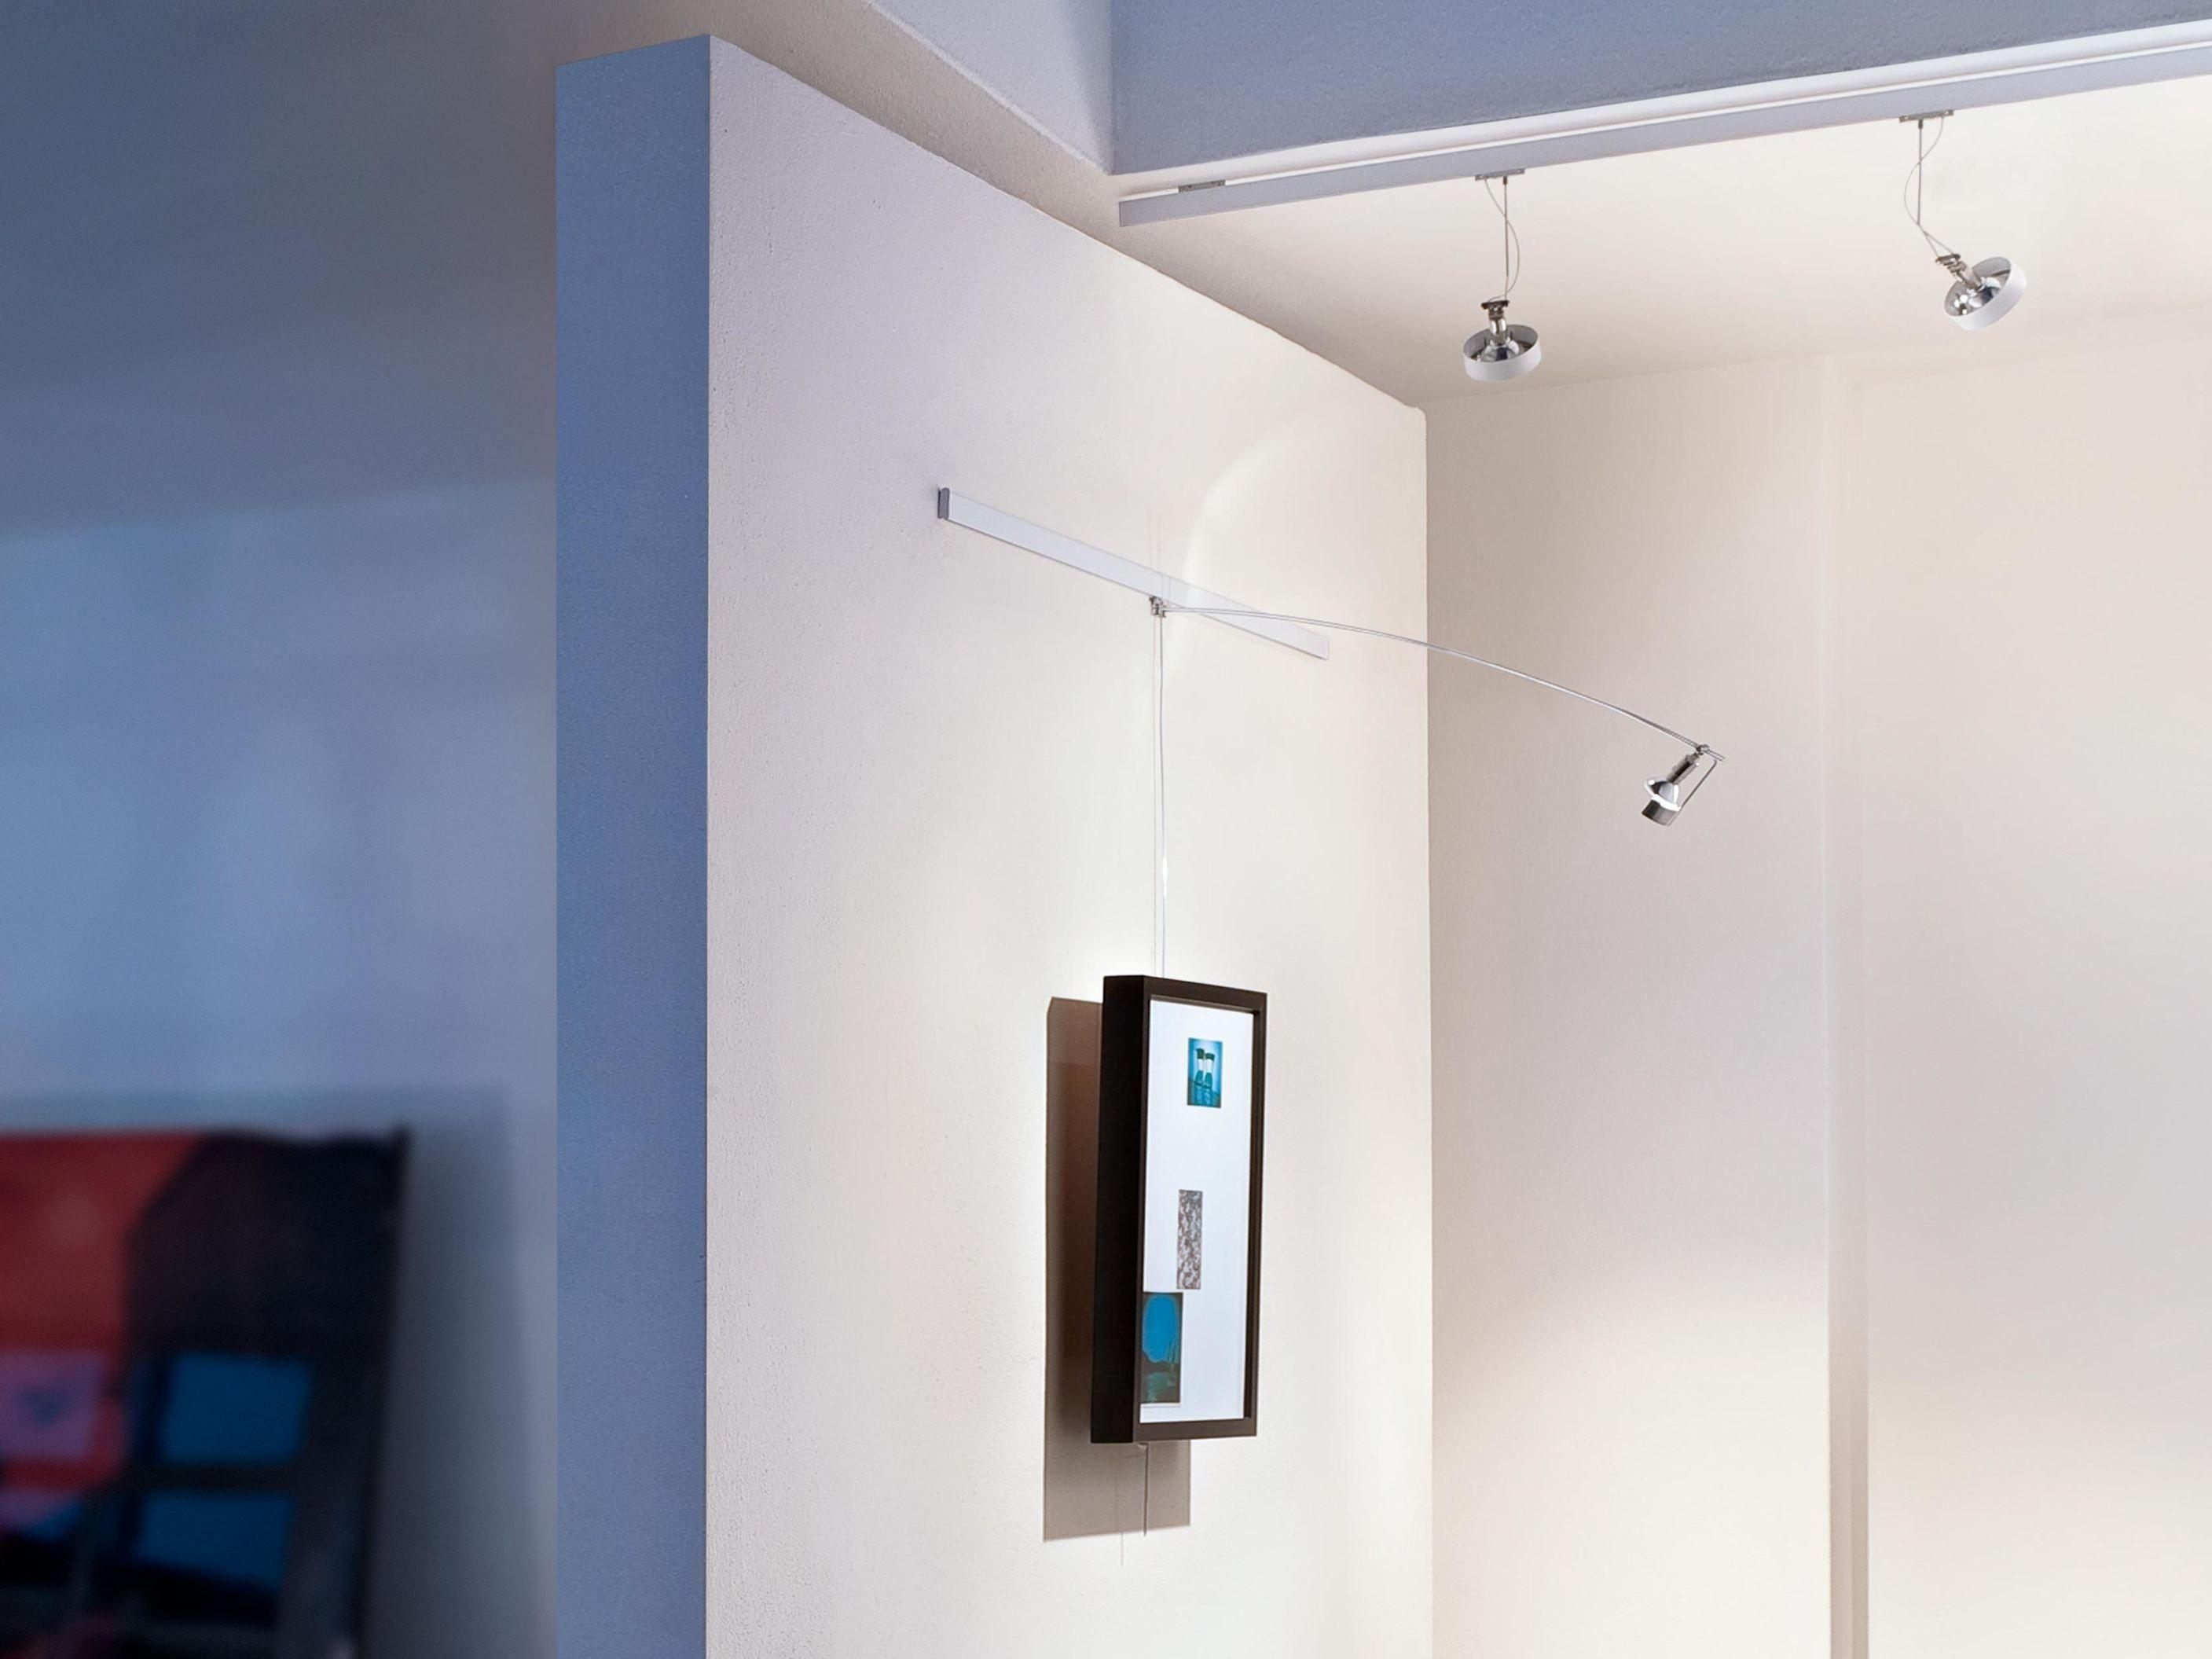 Lampada da parete a led per quadri lightlight wall by for Quadri a parete